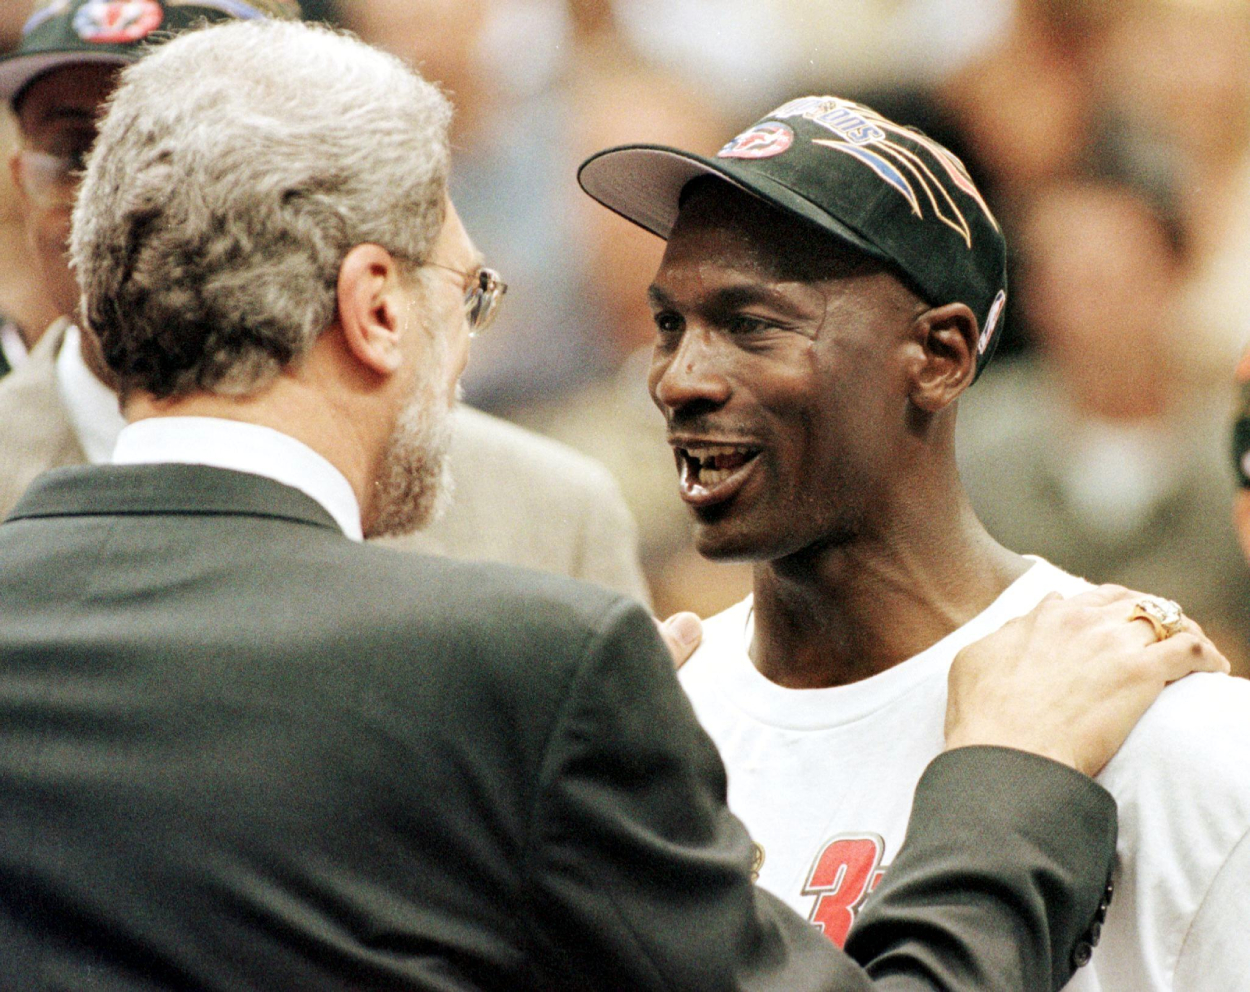 Chicago Bulls legend Michael Jordan after winning the 1998 NBA Finals.